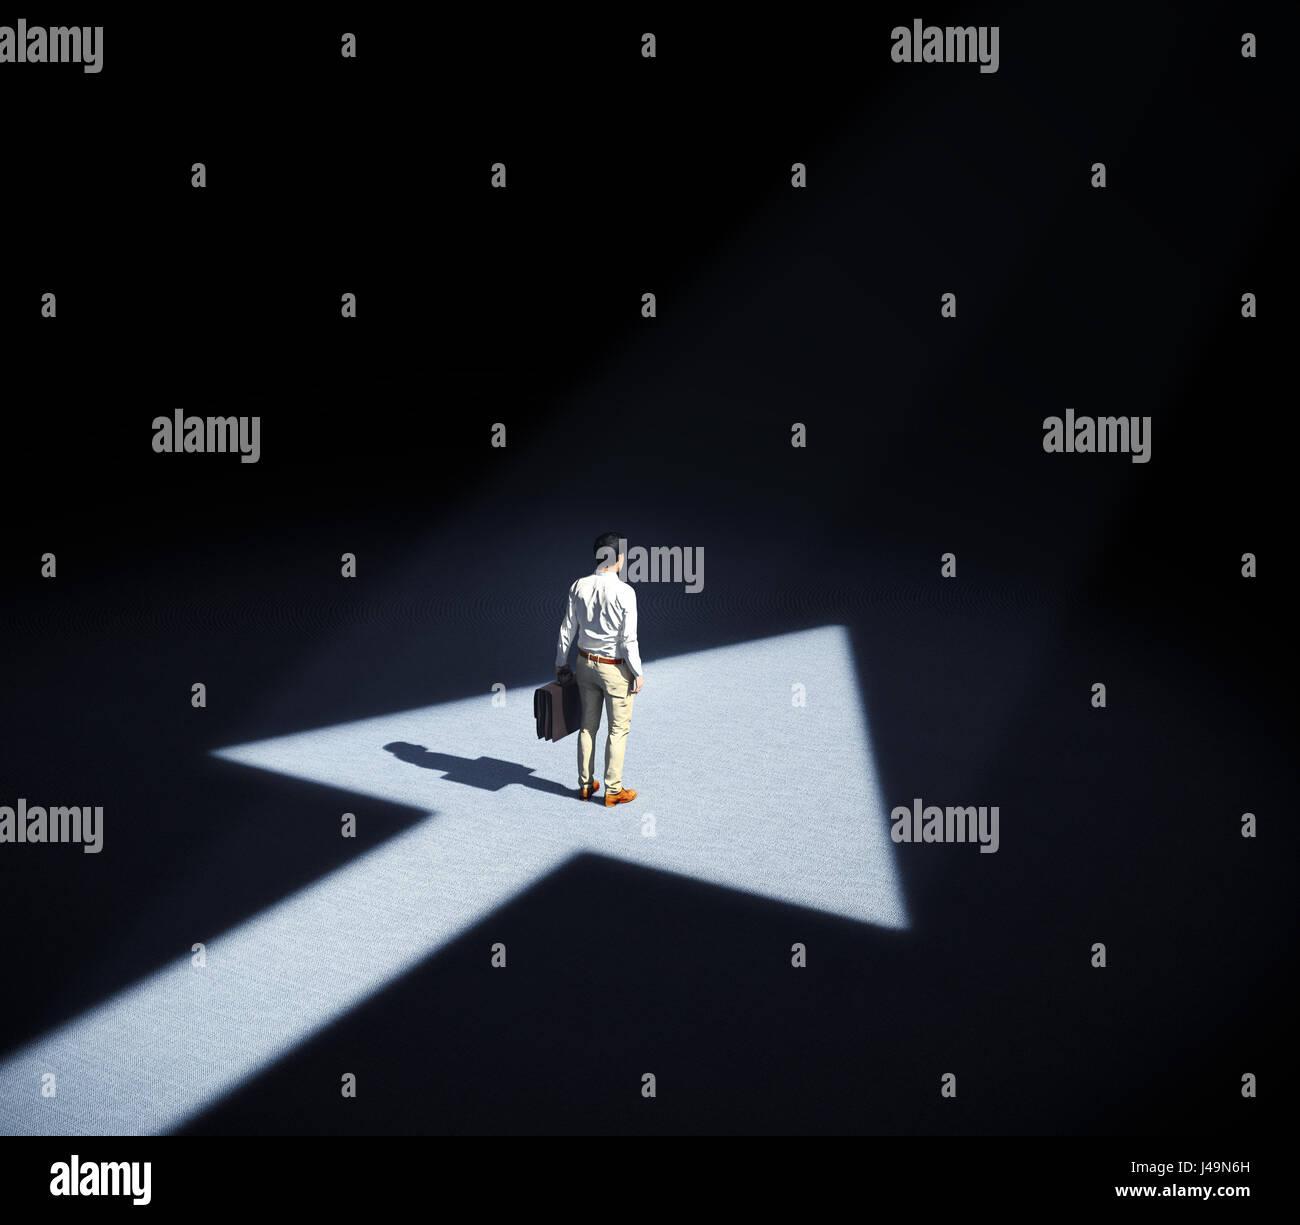 Hombre de pie en un foco formando un símbolo de flecha - Ilustración 3d Imagen De Stock